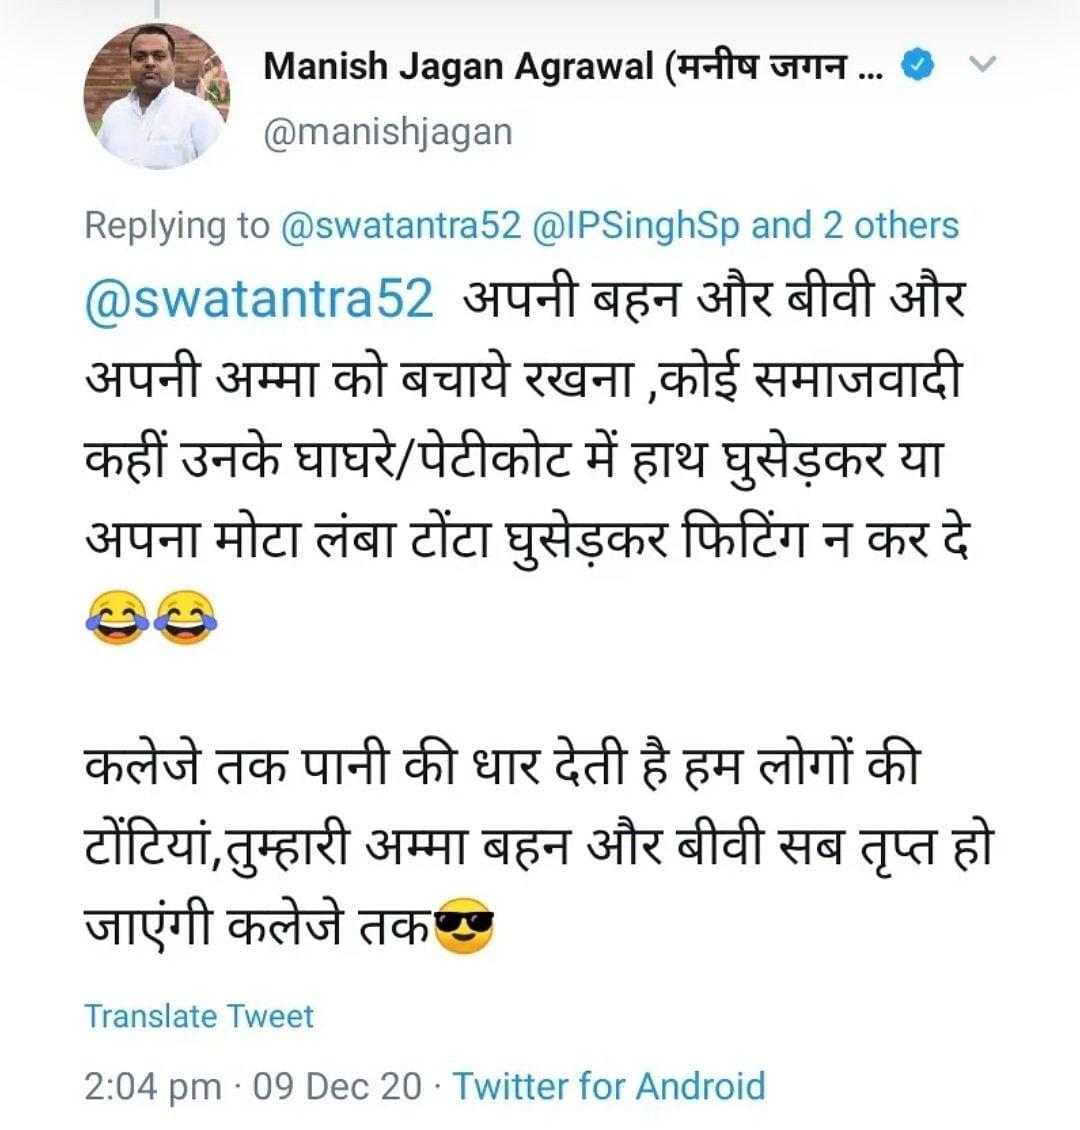 manish jagan tweet